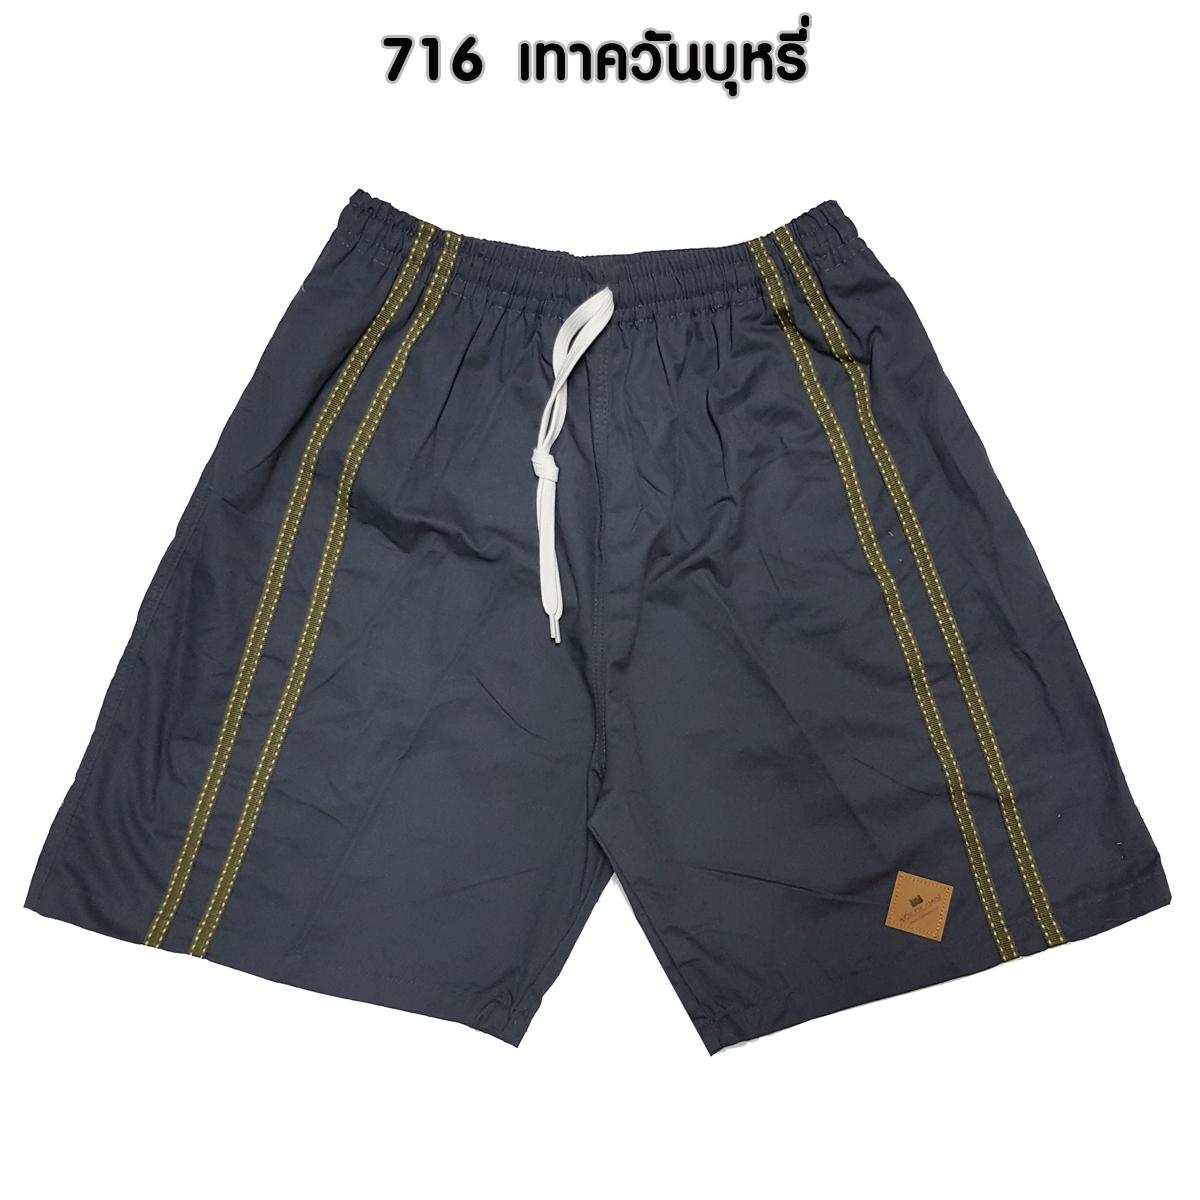 กางเกงขาสั้น SPORT 7 รหัส716 เทาควันบุหรี่